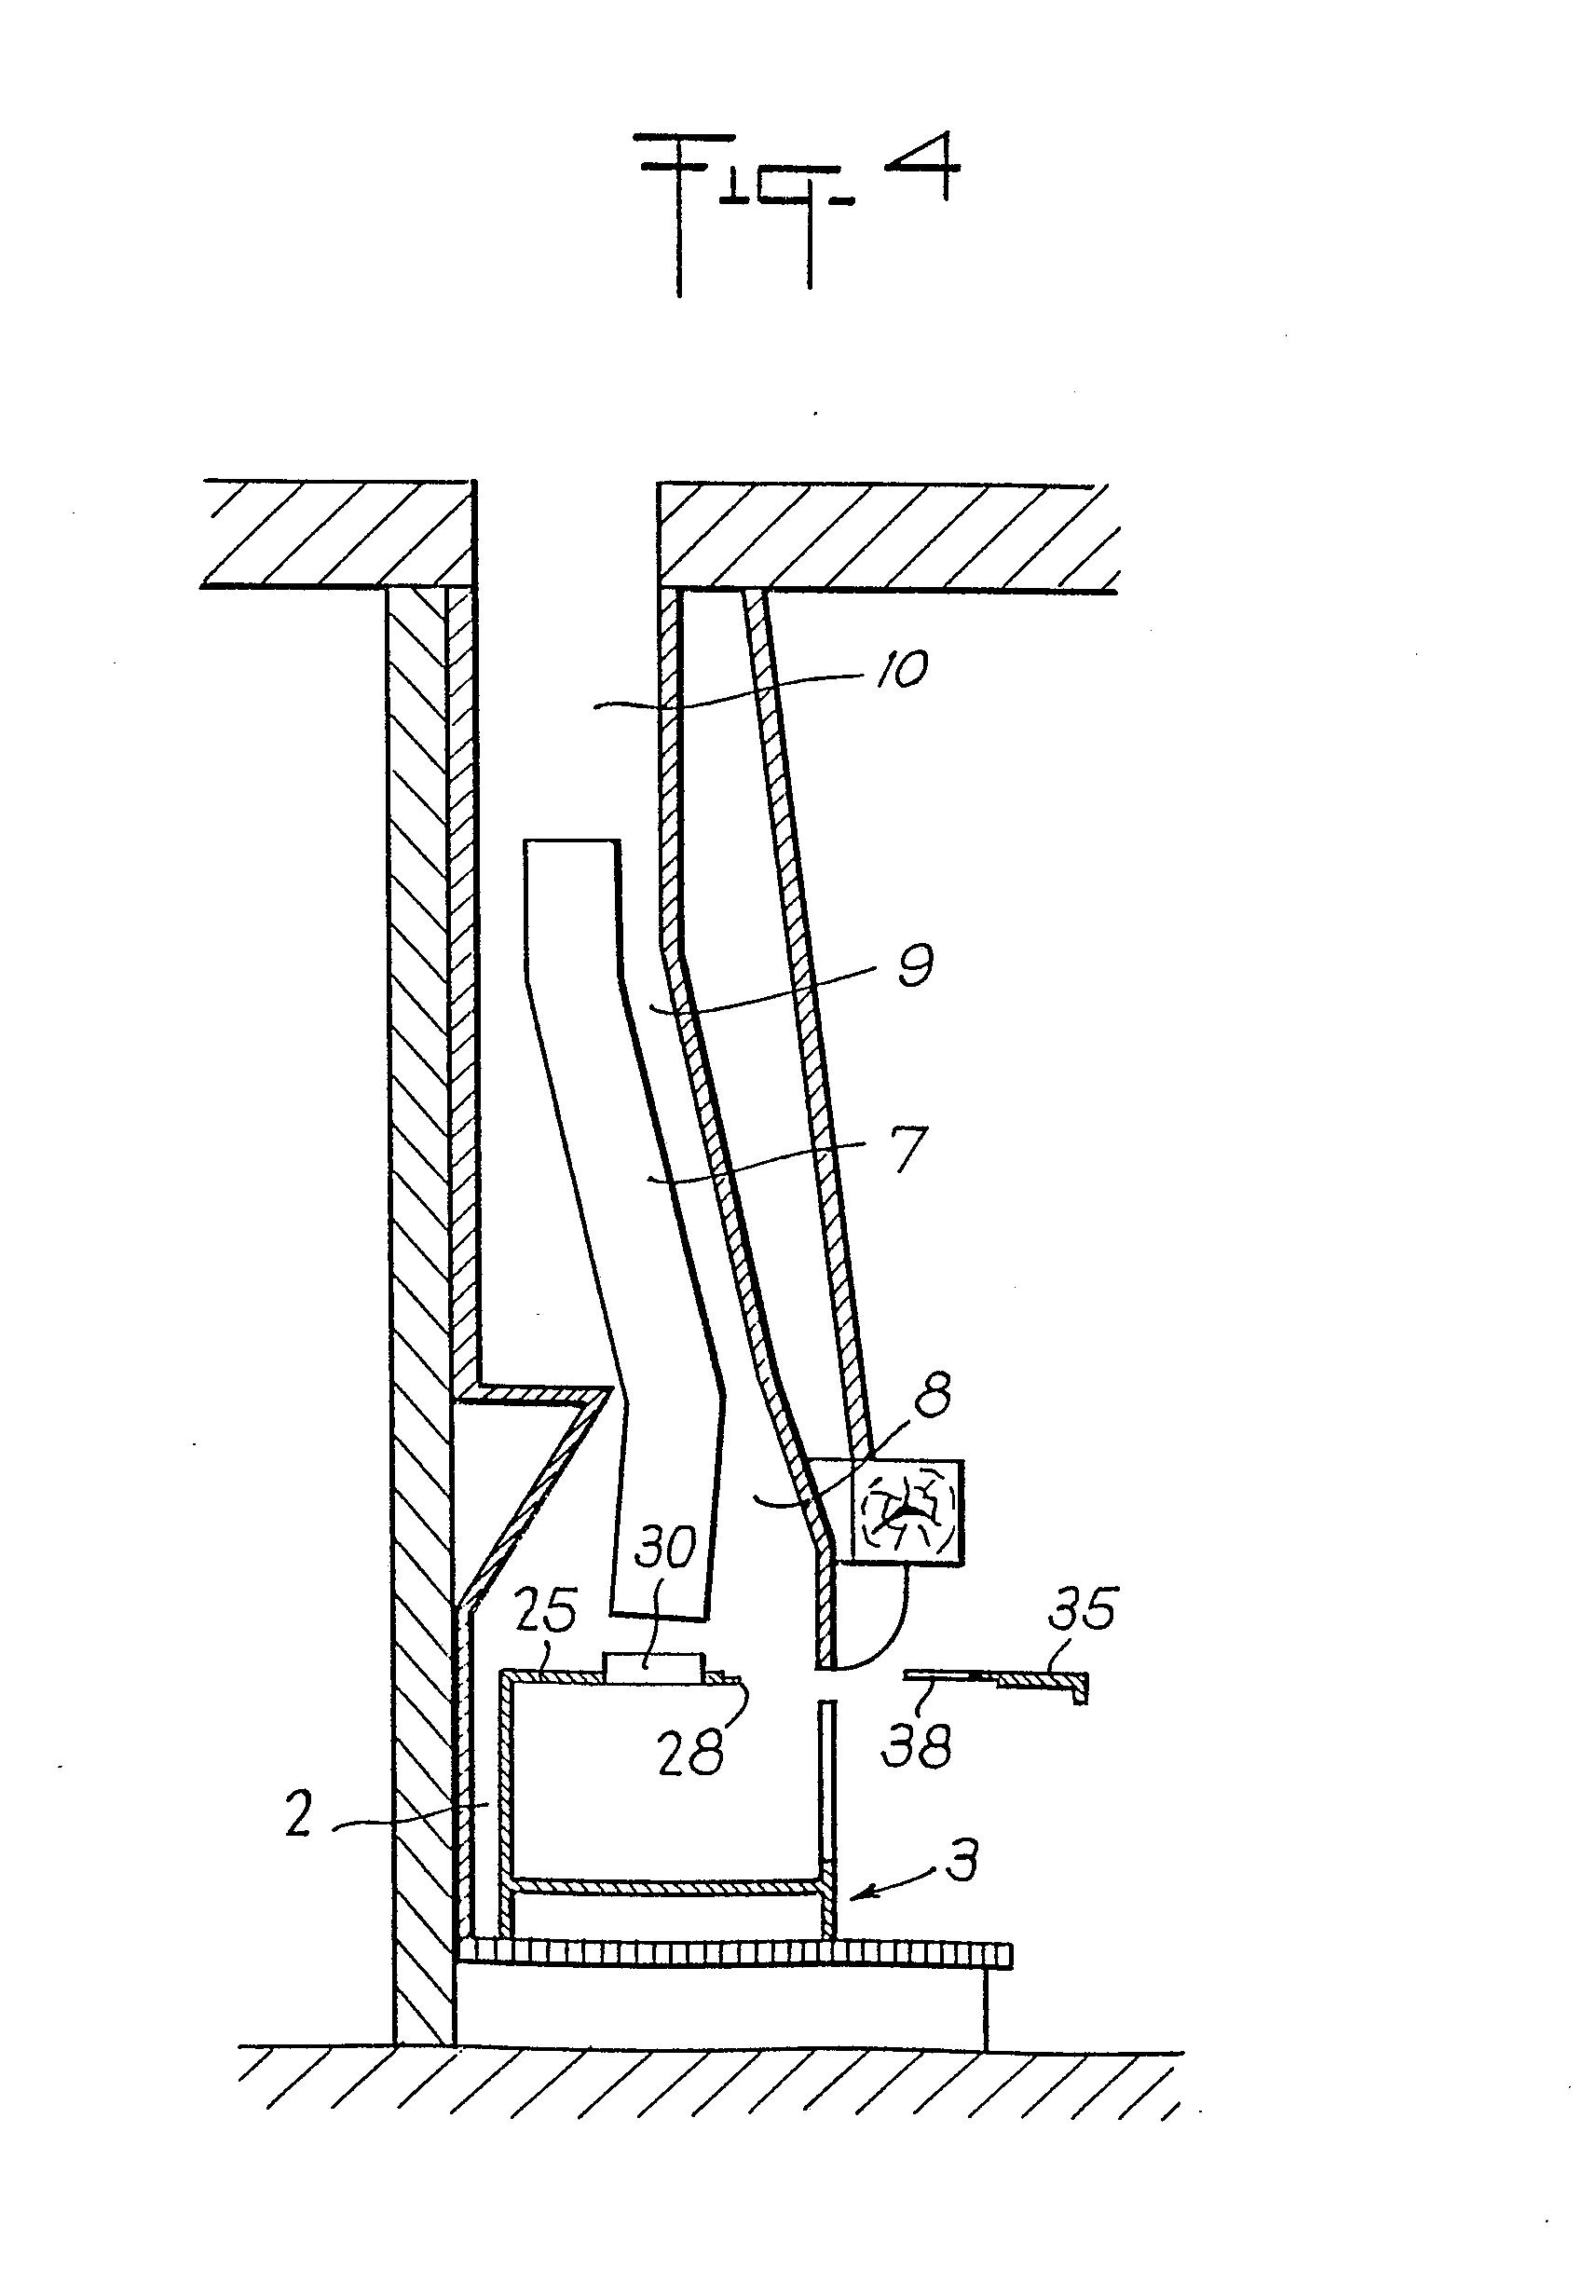 Plan Cheminée Foyer Ouvert : Patent ep a appareil récupérateur de chaleur pour